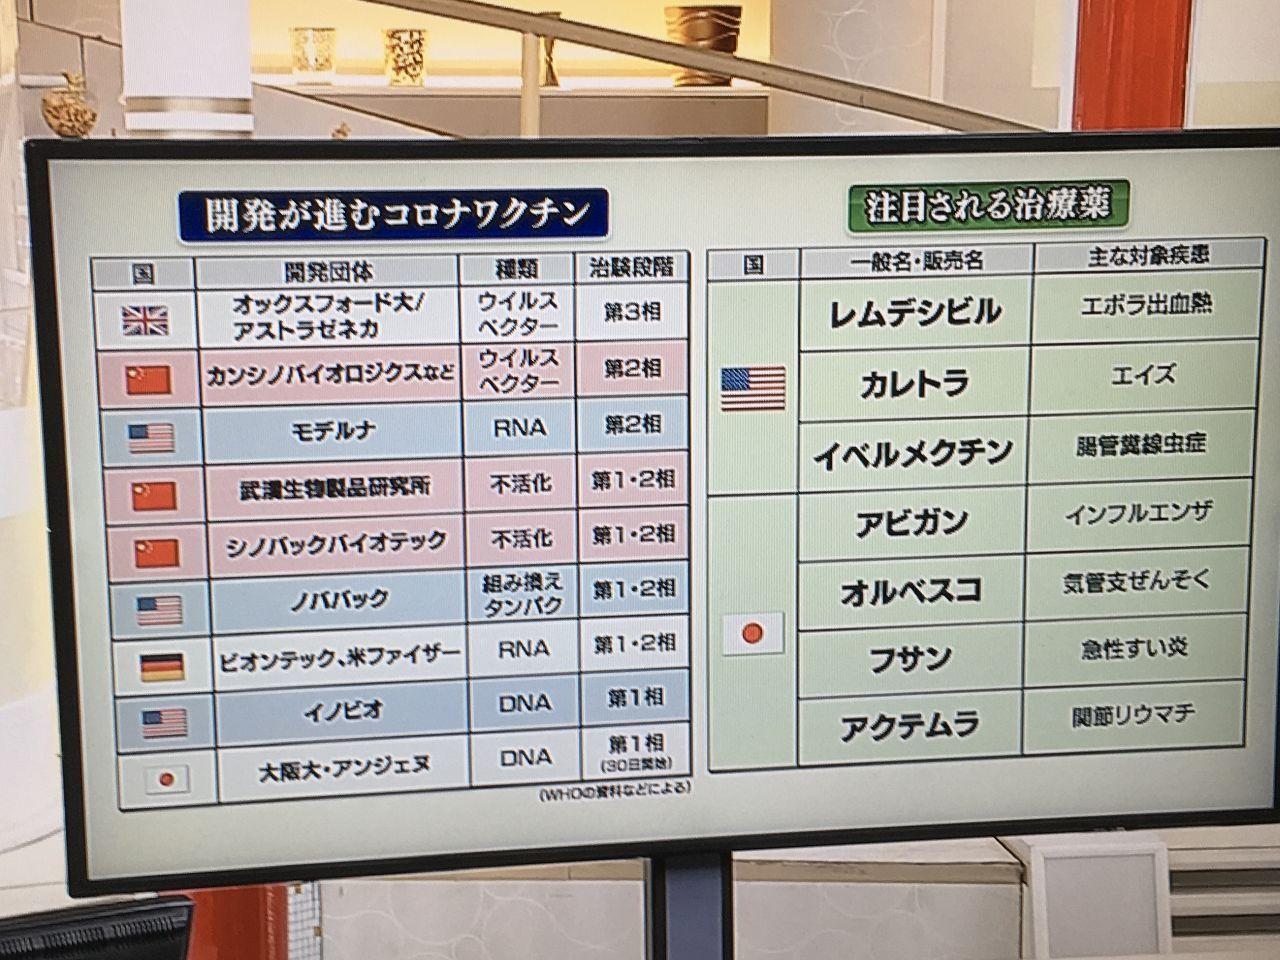 テイラーラボ ボロ株  大阪大・アンジェヌwww🤣🤣🤣